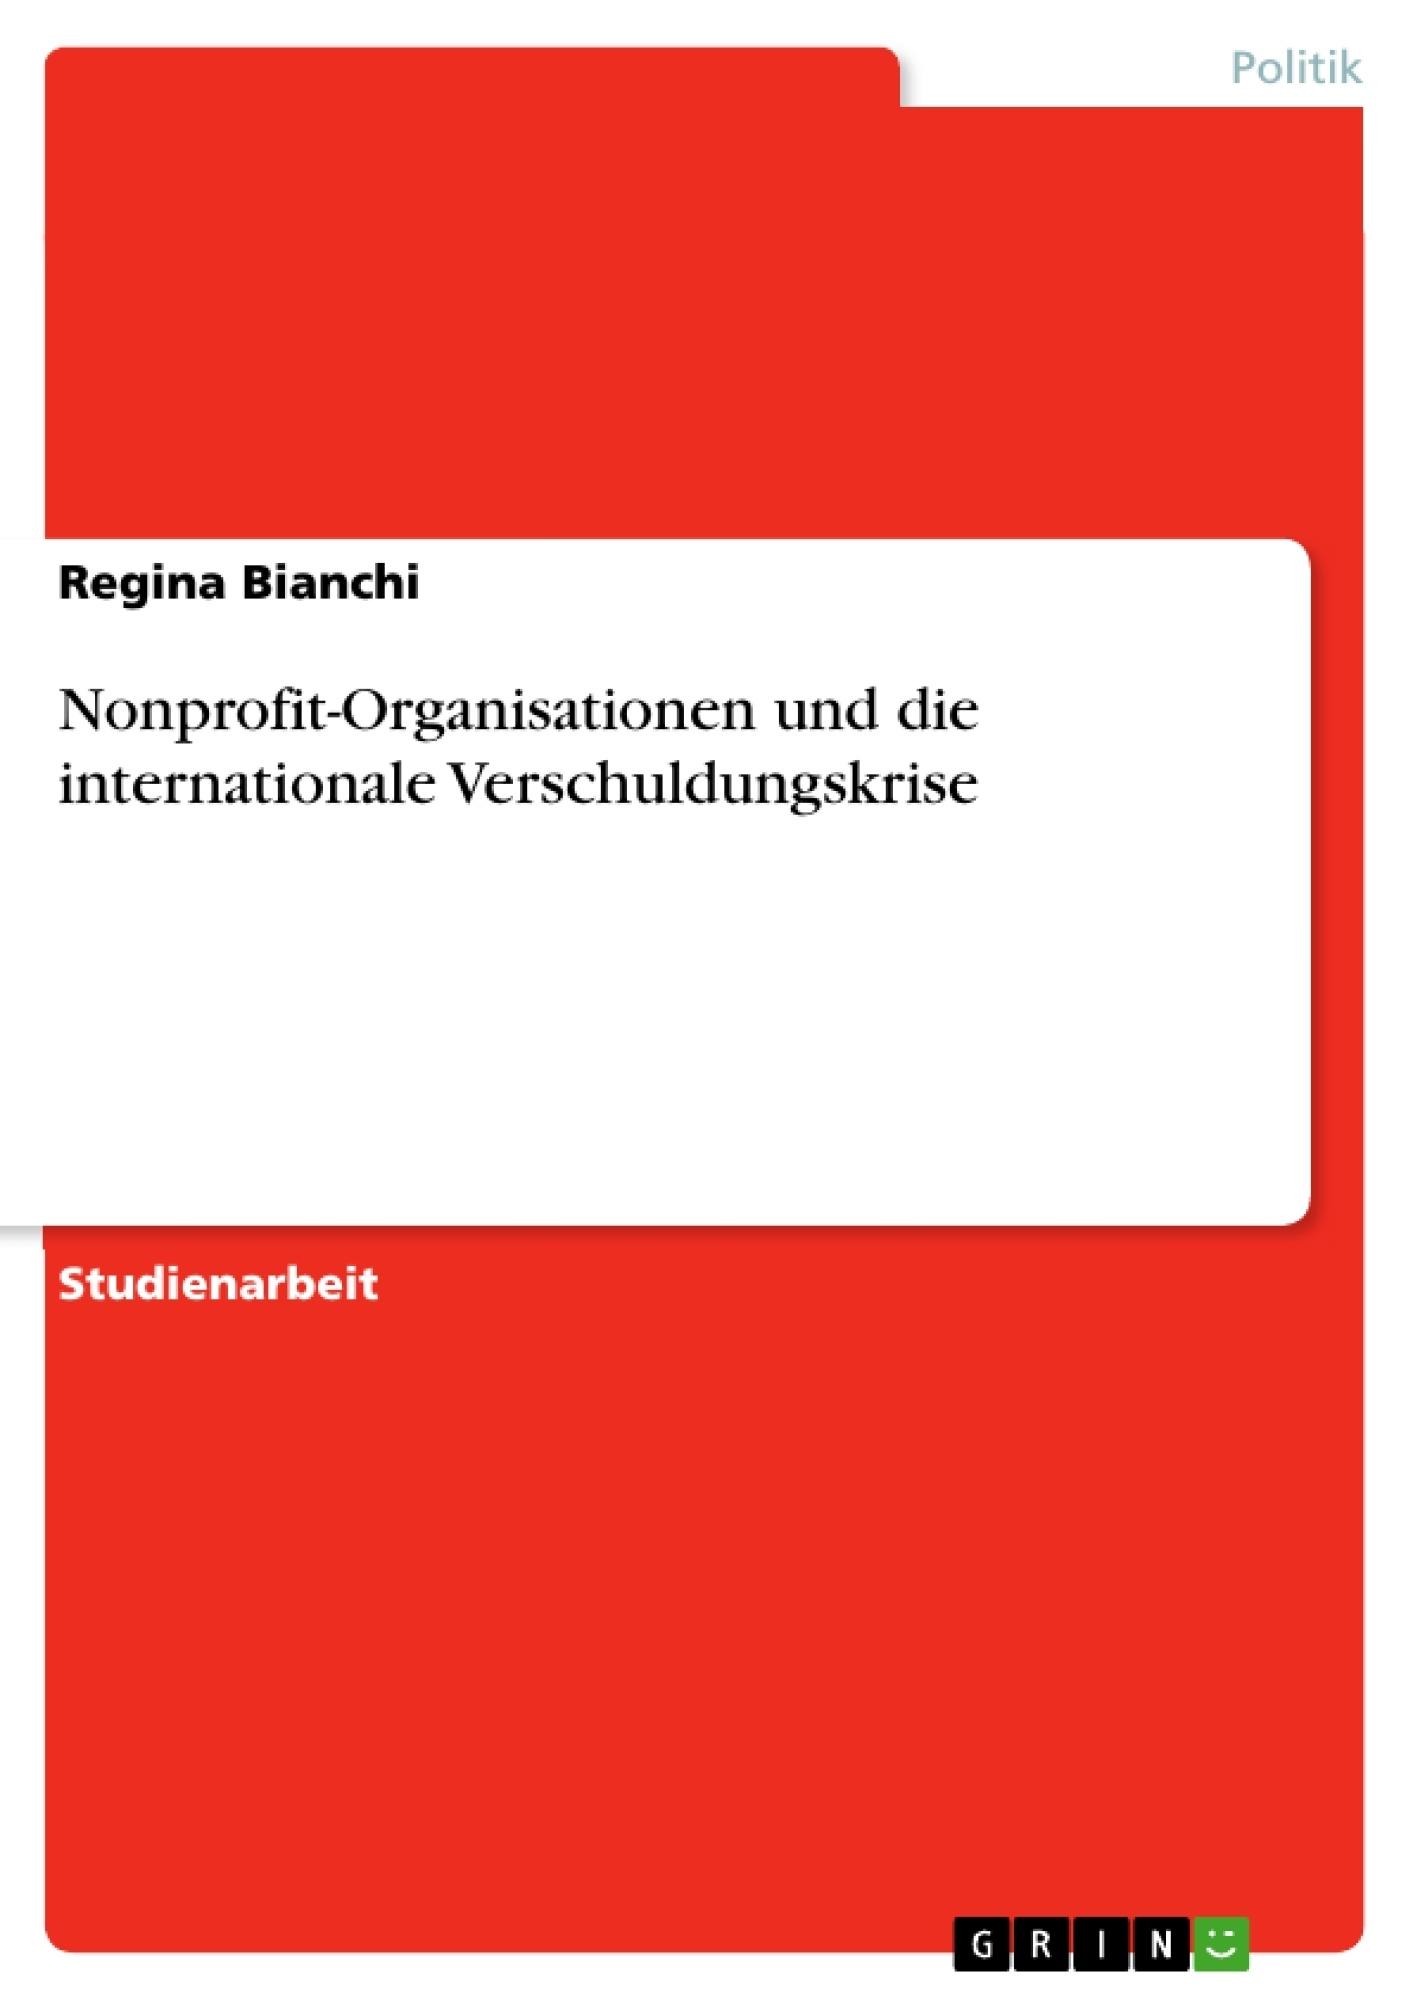 Titel: Nonprofit-Organisationen und die internationale Verschuldungskrise